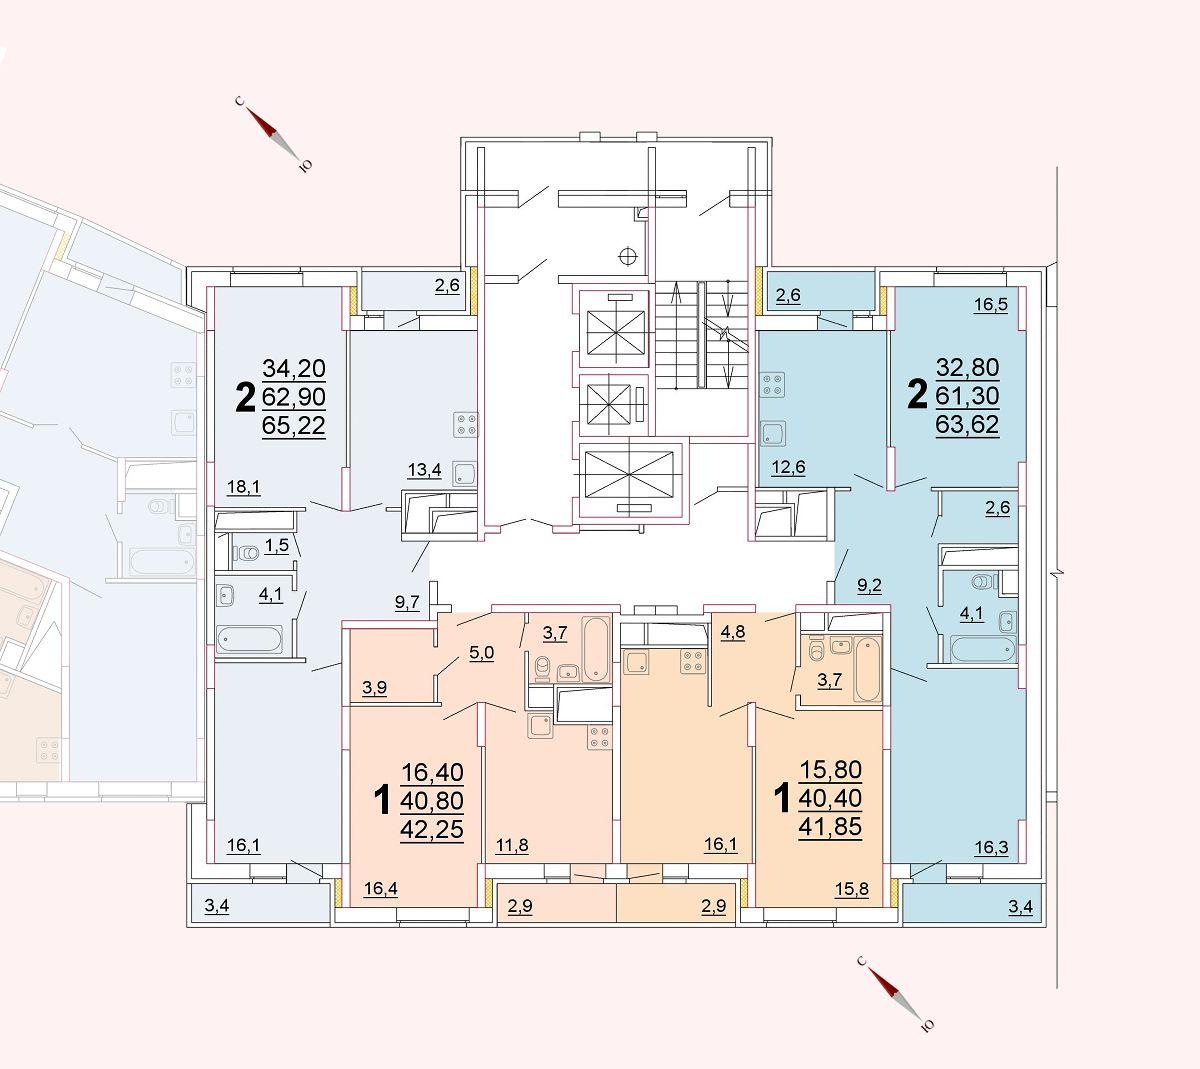 Микрорайон «Центральный», корпус 52г, секция 2, этаж/этажи 22-23